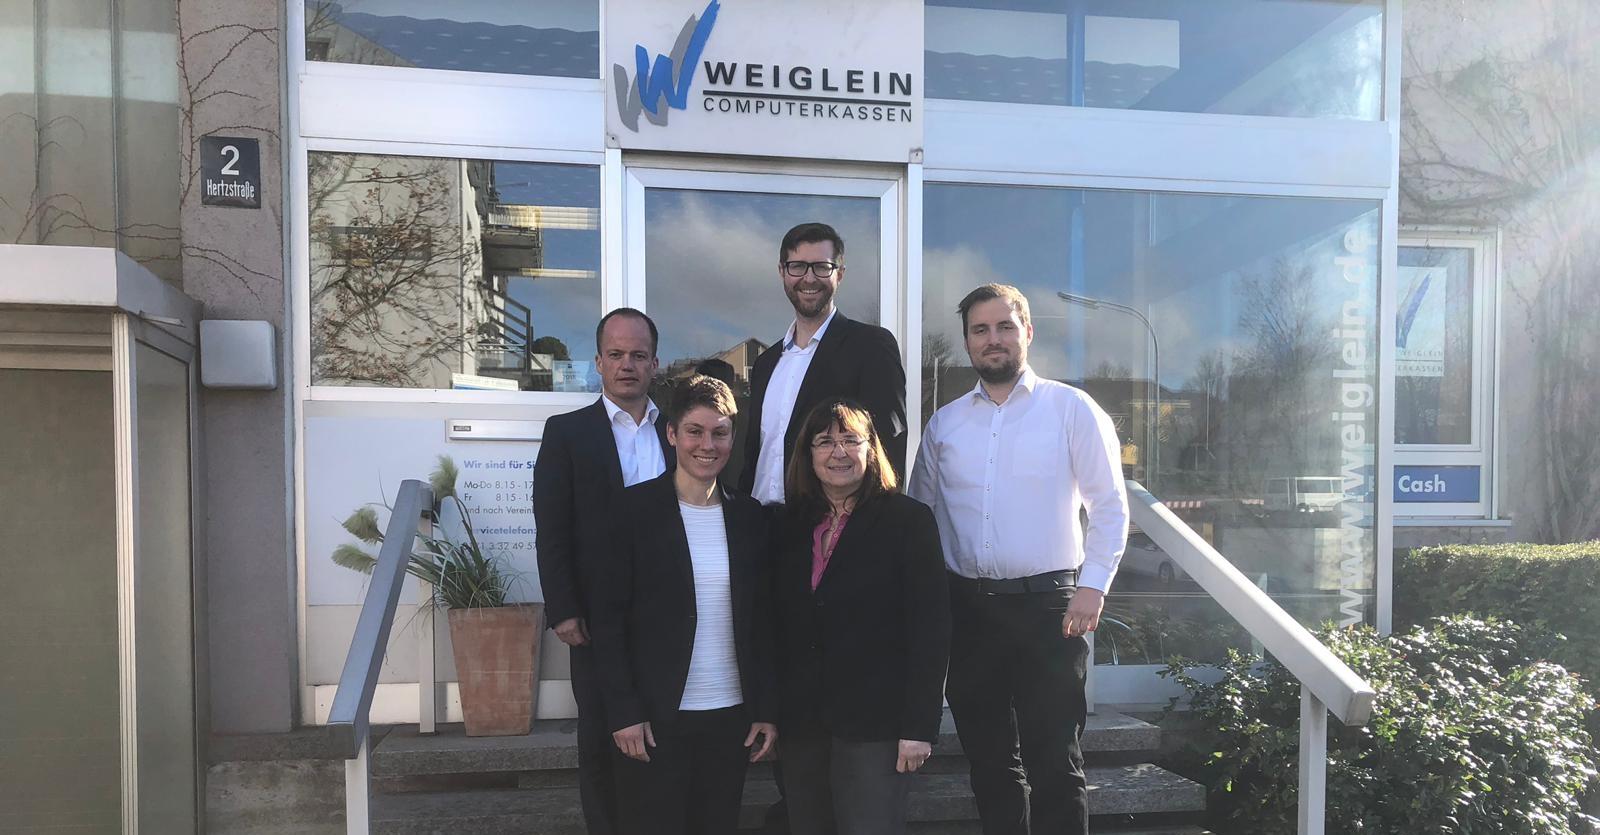 Verantwortliche der Volksbank in der Ortenau eG und Weiglein Computerkassen GmbH auf Treppe vor Geschäftsgebäude